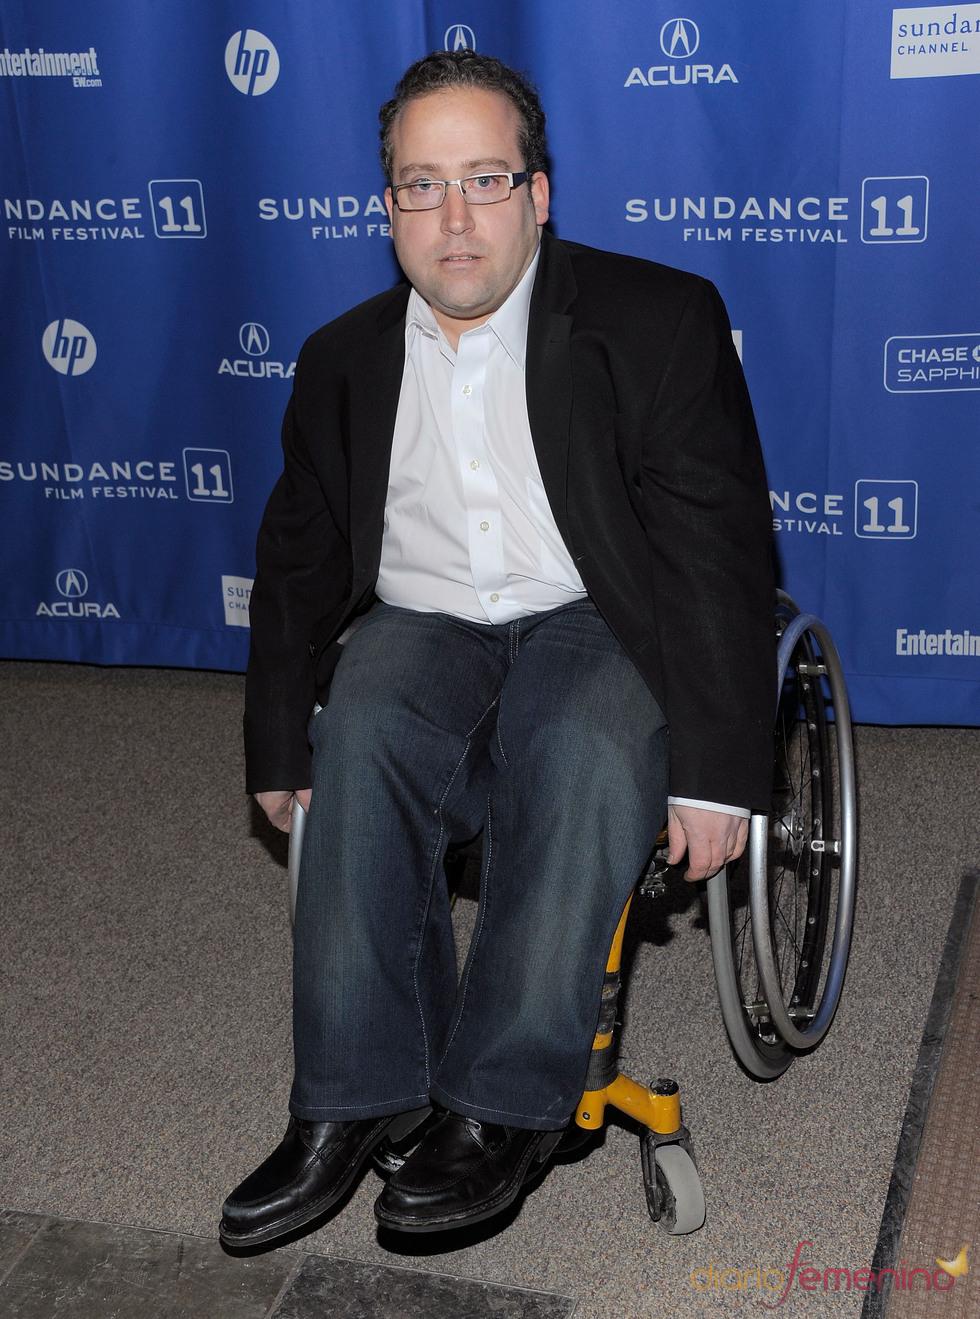 Ian Minicuci en el Festival de Cine Sundance 2011